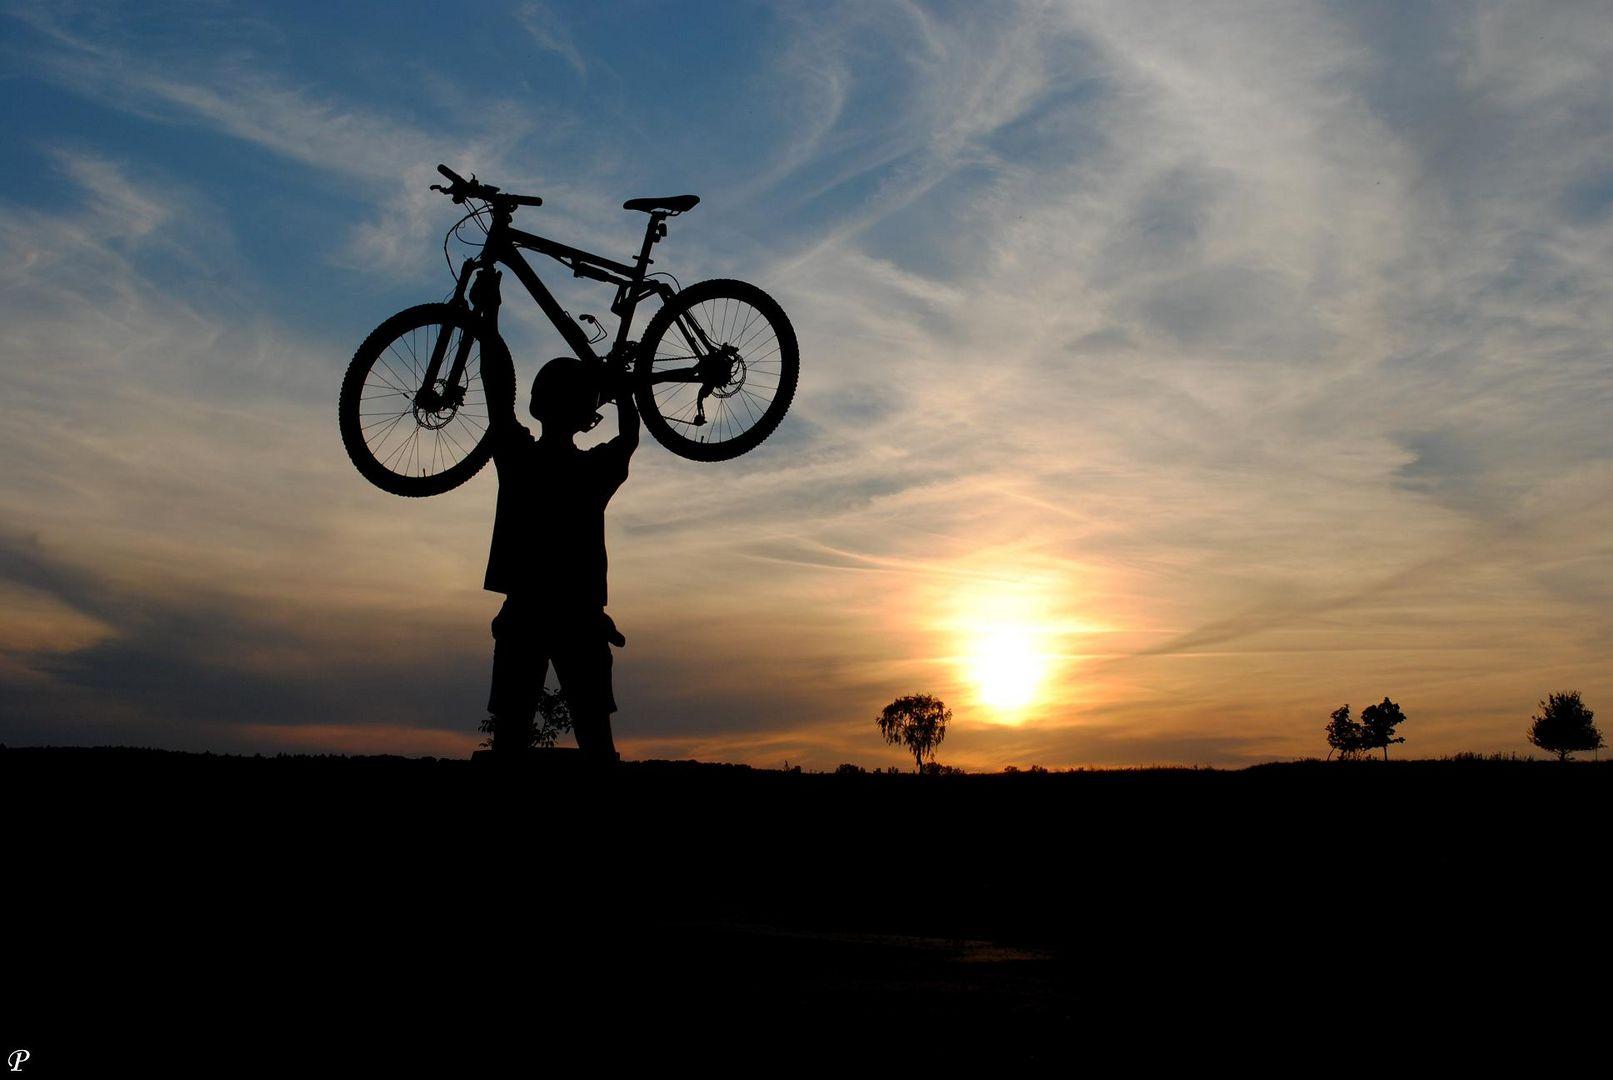 Wer sein Fahrrad liebt, der trägt und schiebt:)